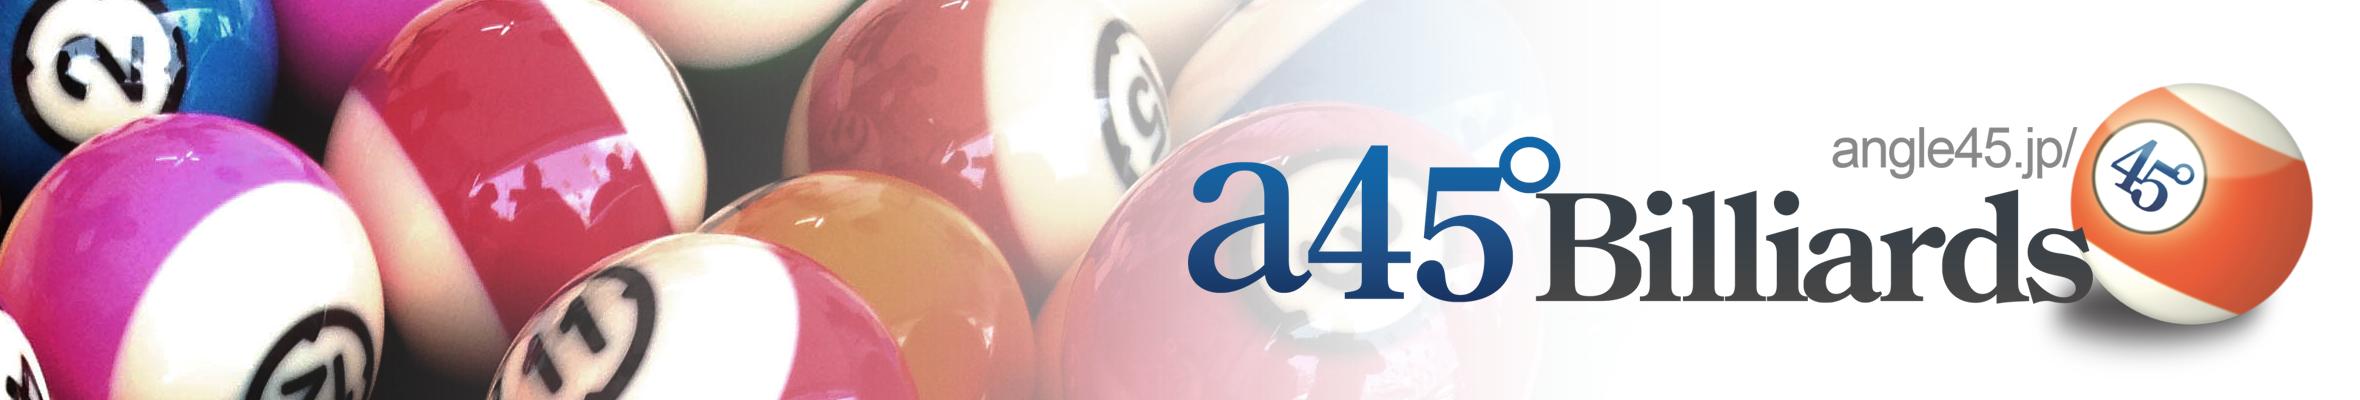 a45_billiards_title